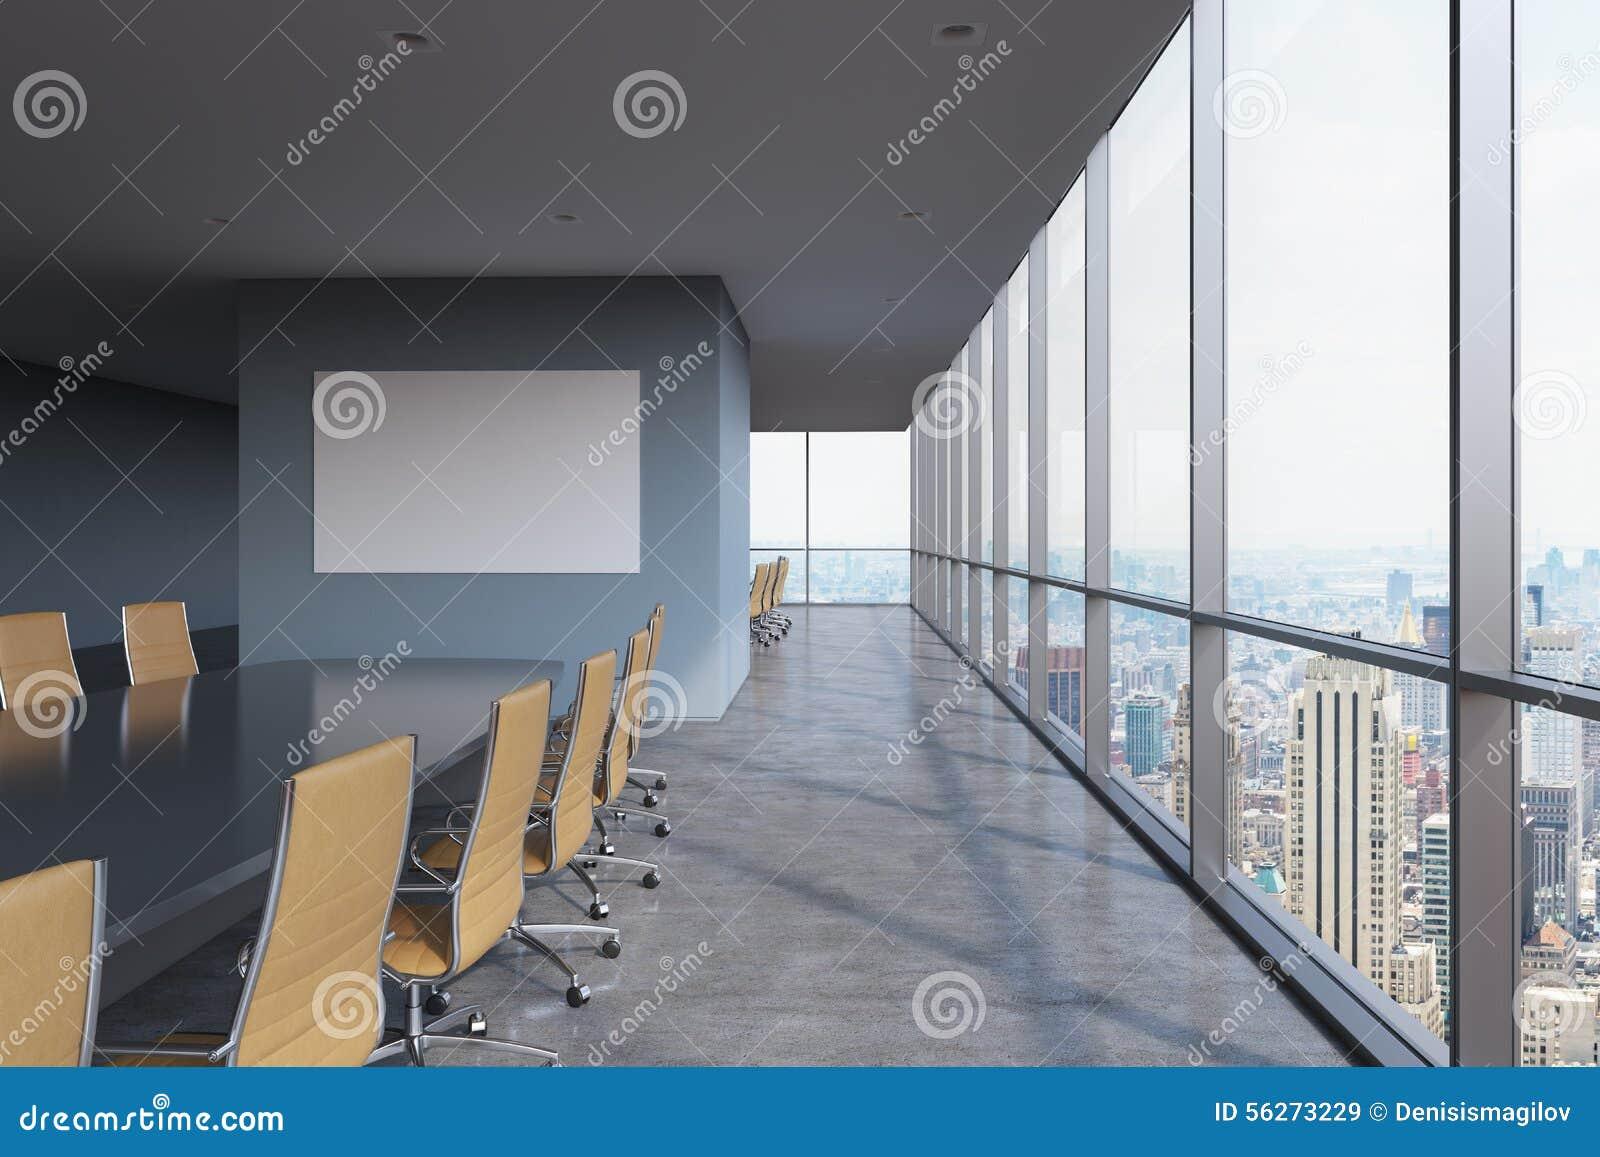 New Moderne Le York Panoramique À Salle De Conférence Bureau Dans dsCrxtohQB